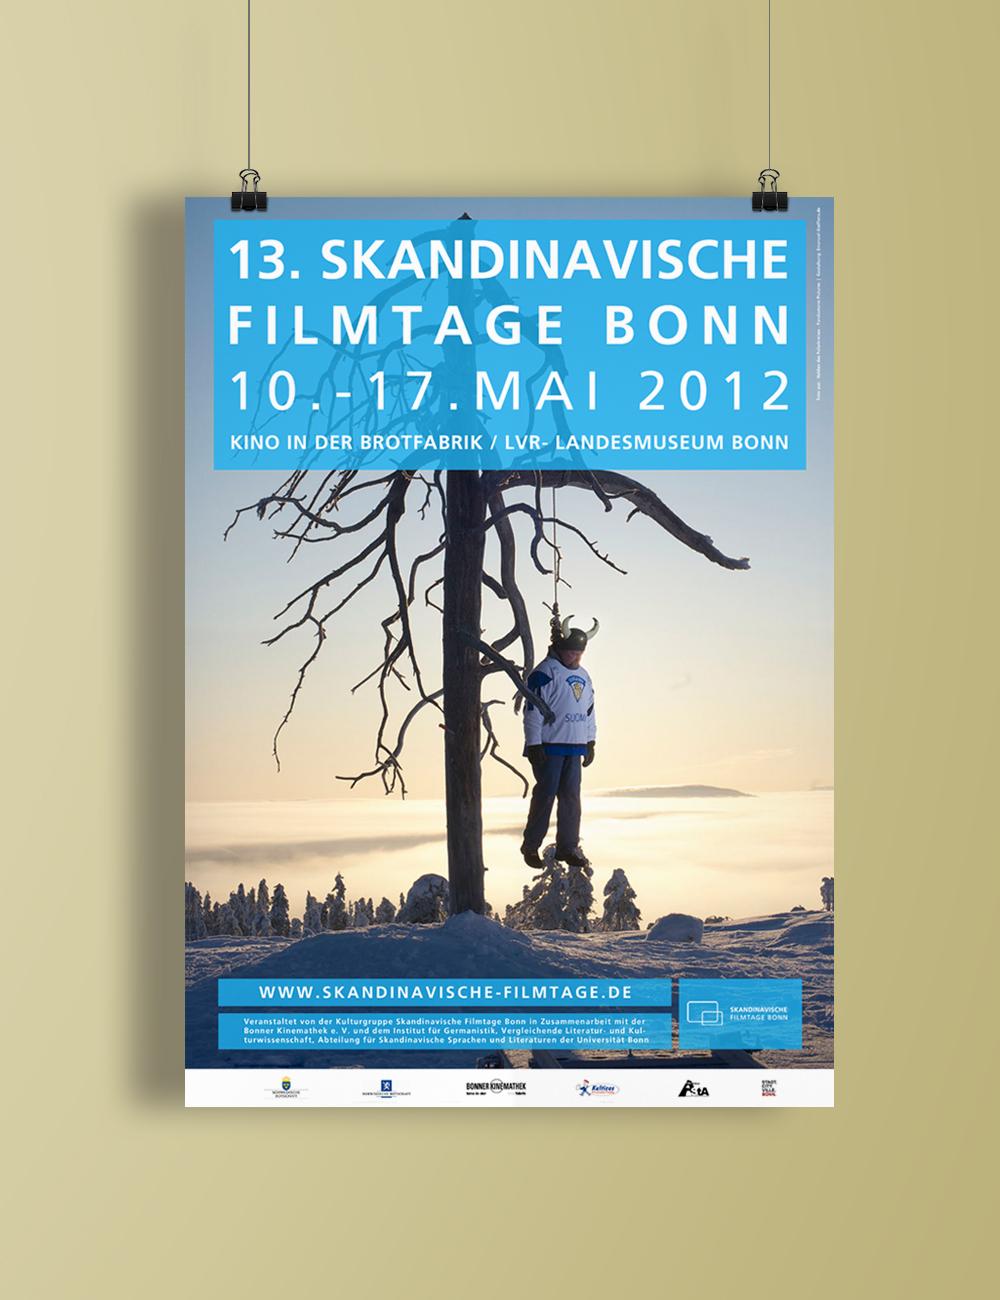 emanuel_steffens_skandinavische_filmtage_bonn_2012